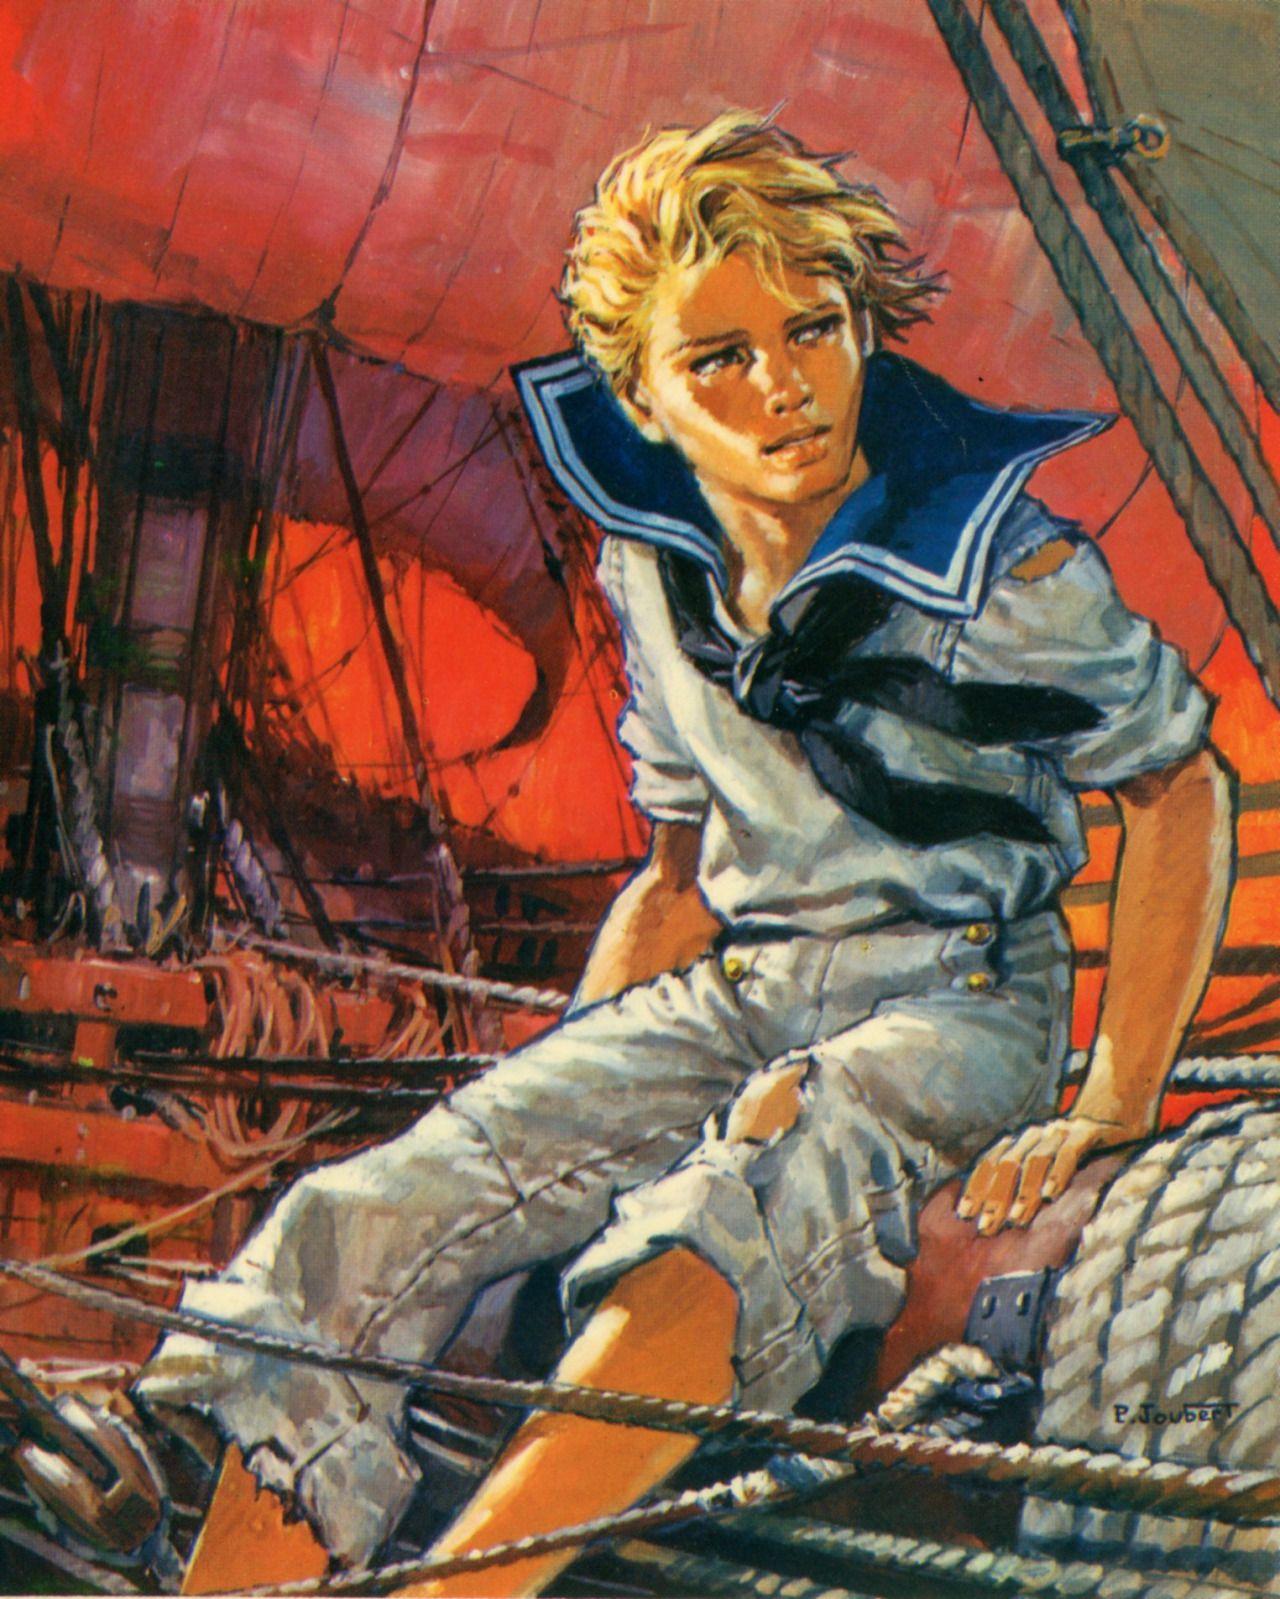 """Anime Jungle Manaus 2019: Dessin De Pierre Joubert Pour """"La Fusée"""" 1975"""